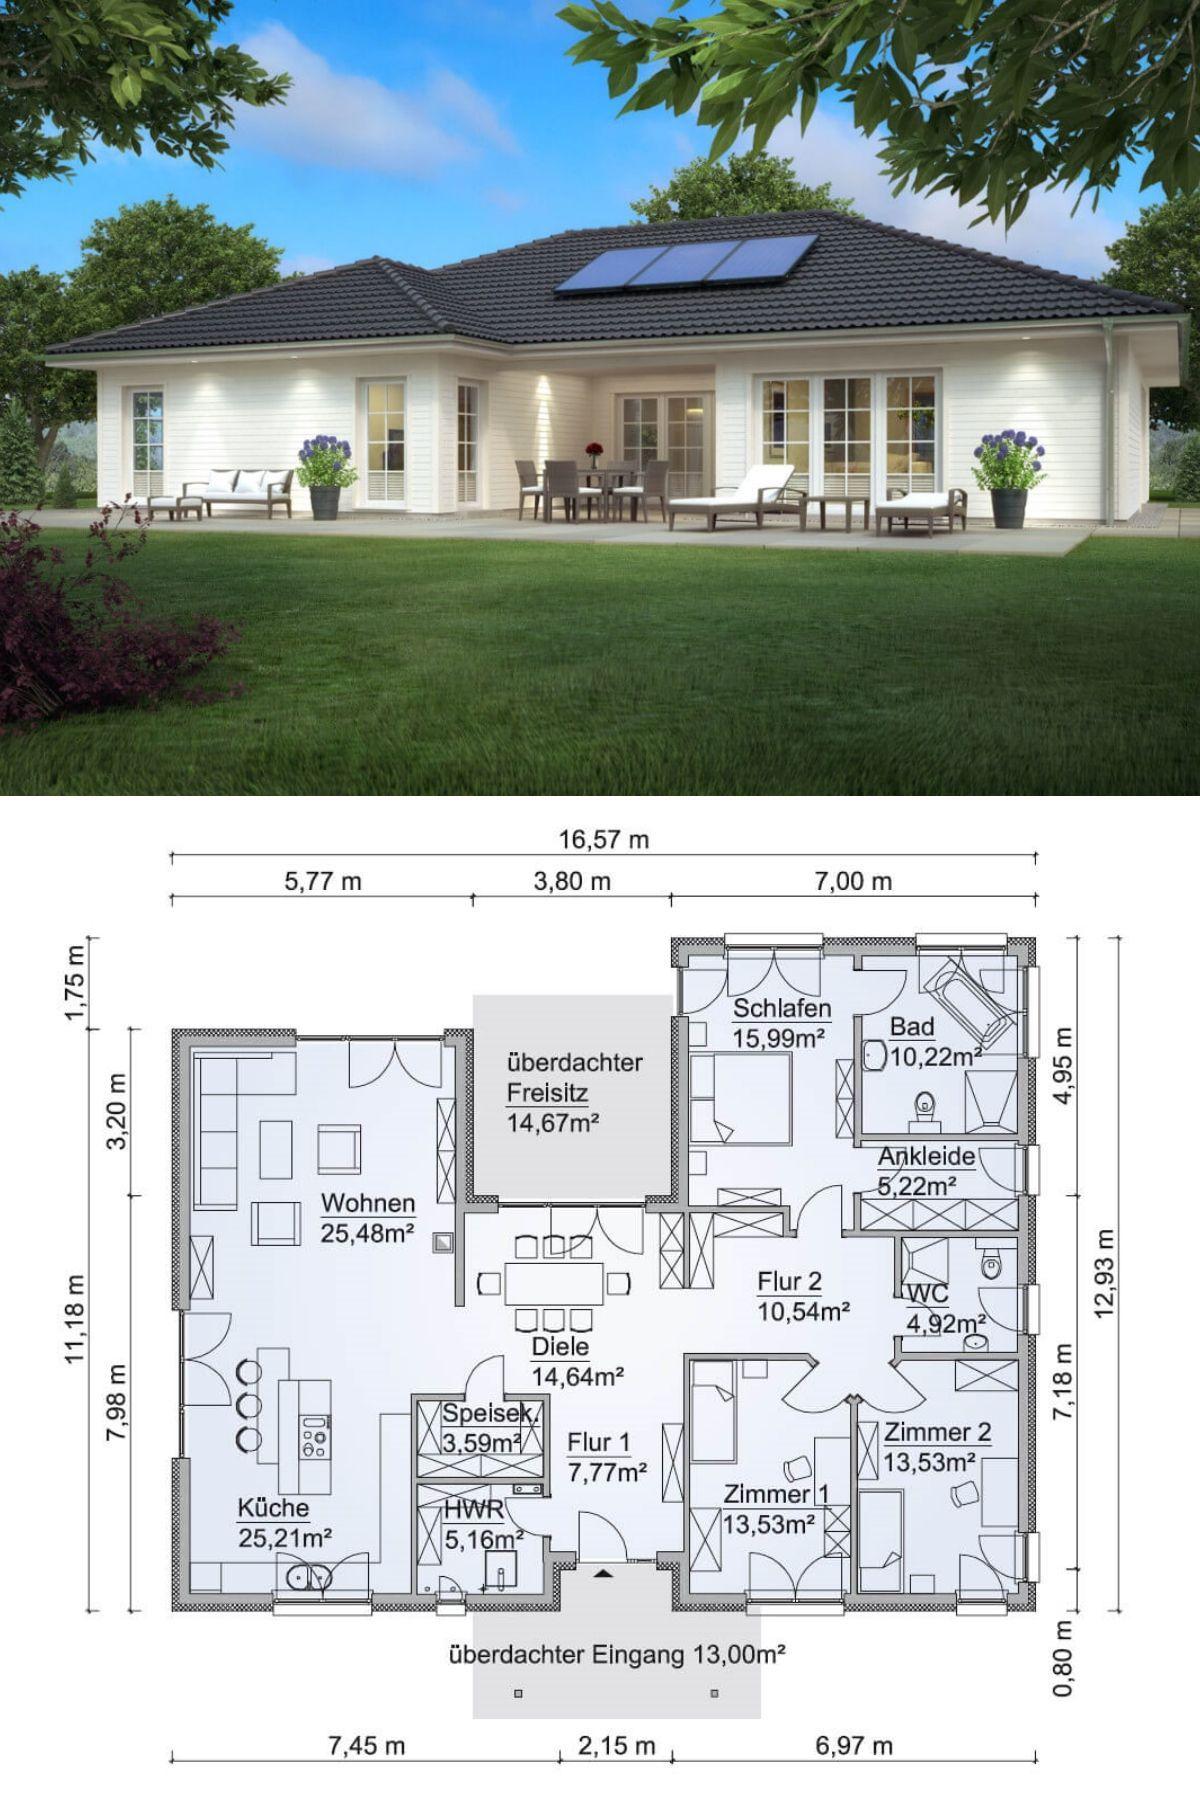 Bungalow haus im landhaus stil mit walmdach architektur for Haus bauen plan